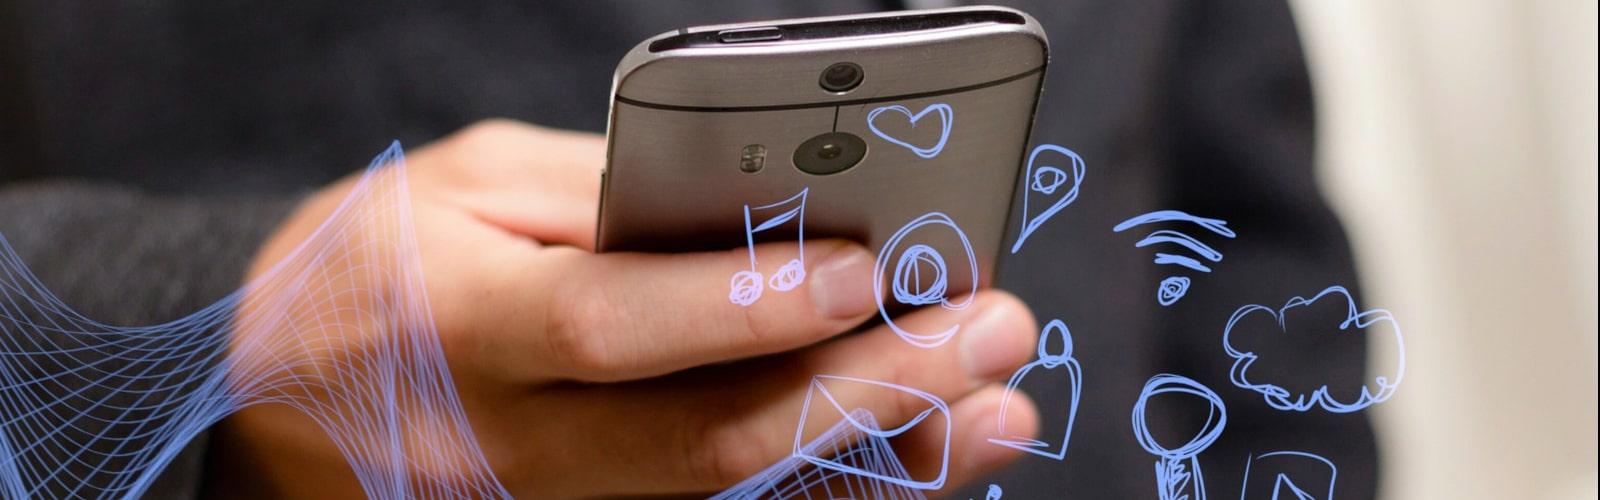 Stratégie Drive to Store : Comment coupler le SMS aux autres supports de communication ?